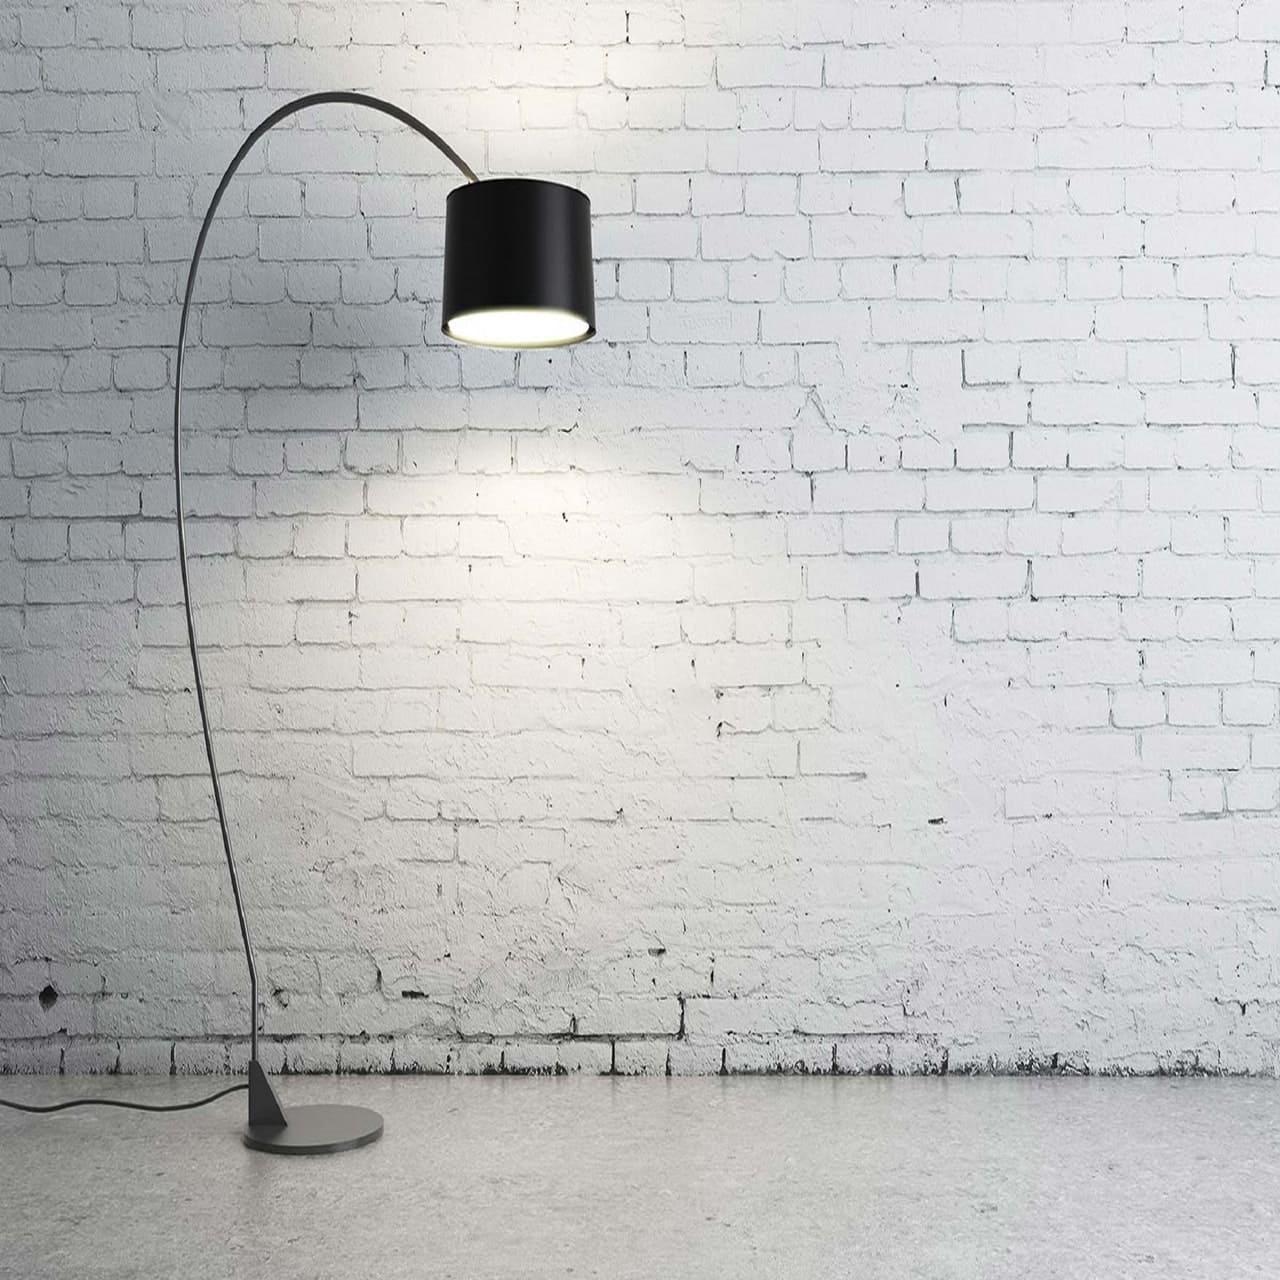 Lampade moderne per casa